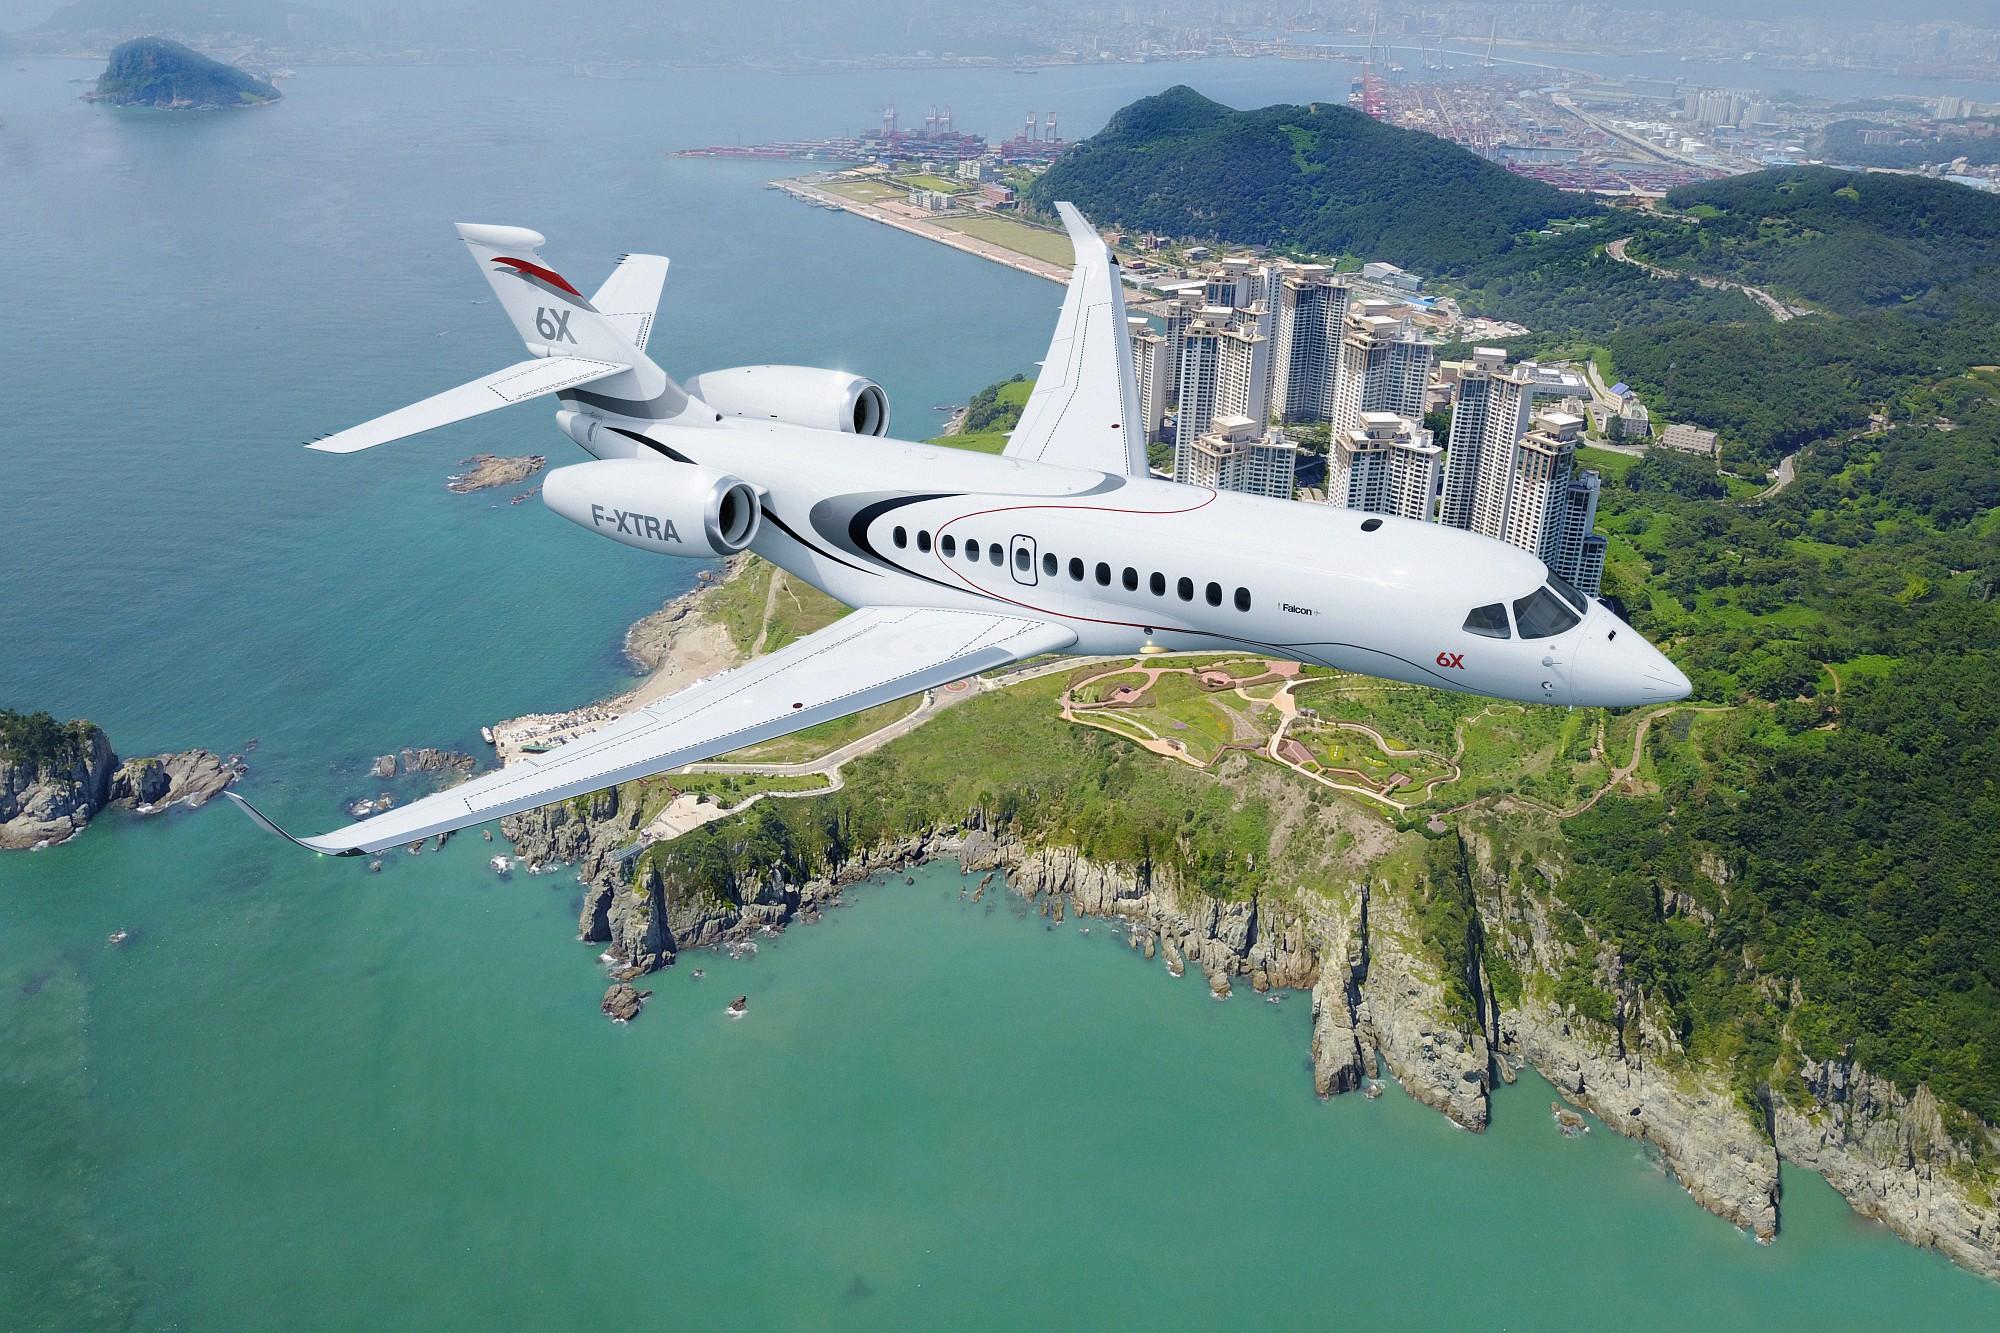 Falcon 6X in flight